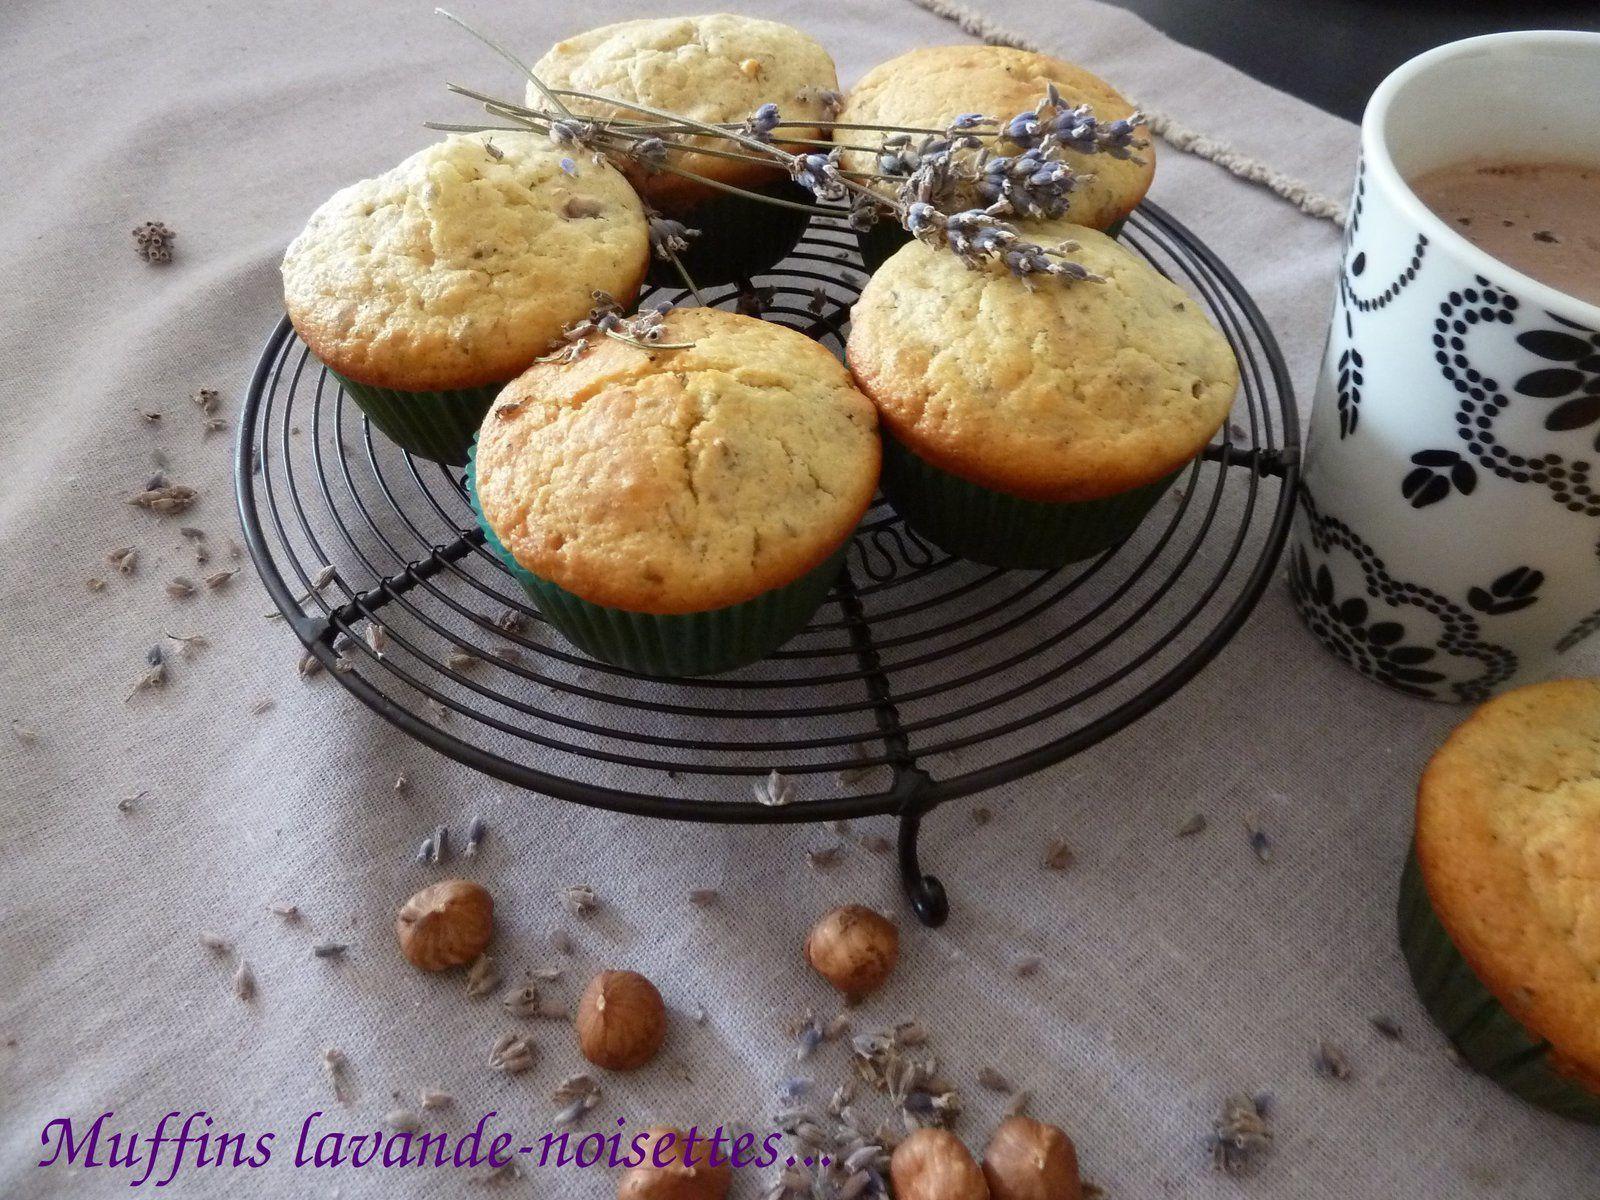 muffins noisettes lavande